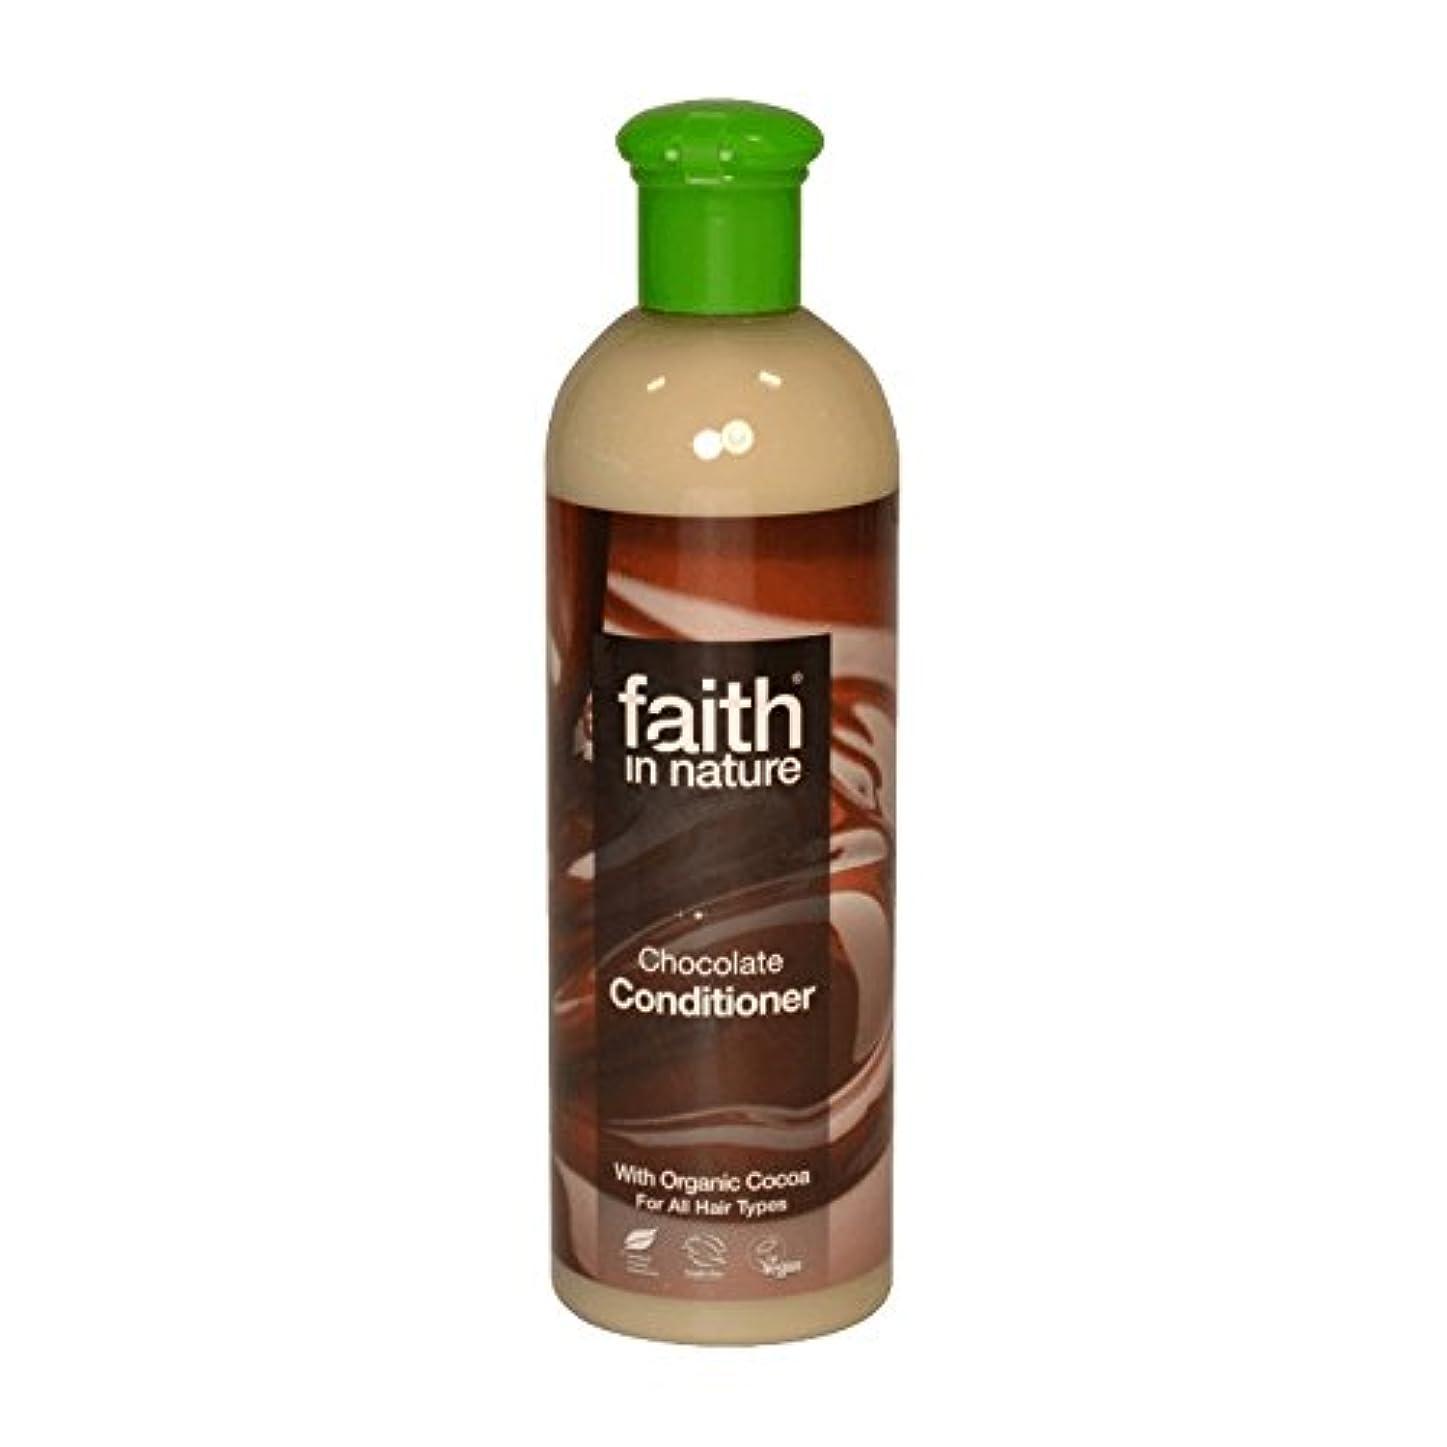 エッセンスチャーミング吸収する自然チョコレートコンディショナー400ミリリットルの信仰 - Faith In Nature Chocolate Conditioner 400ml (Faith in Nature) [並行輸入品]